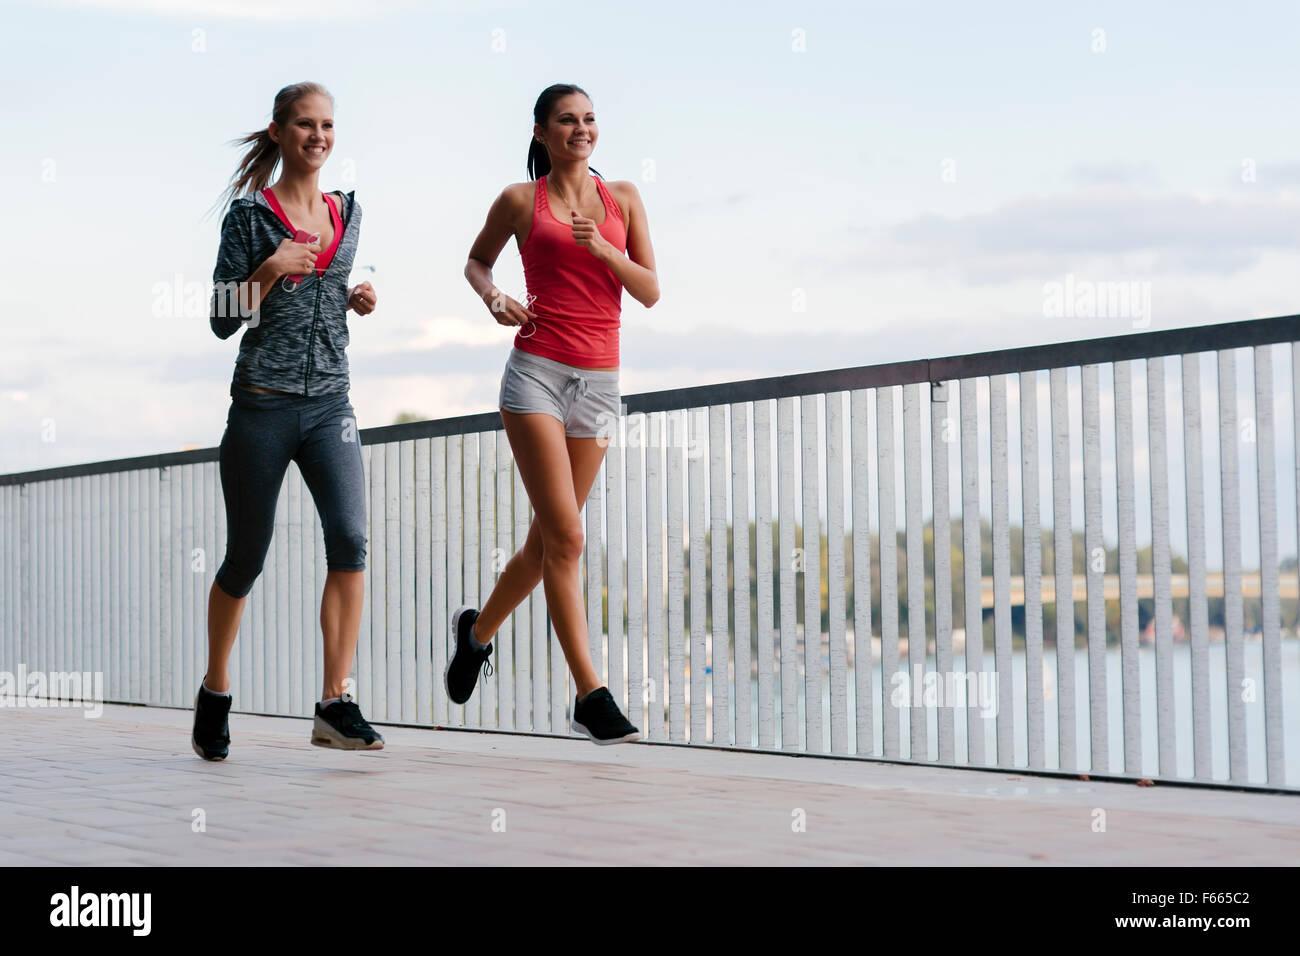 Zwei sportliche Frauen Joggen in der Stadt beim Musikhören Stockbild